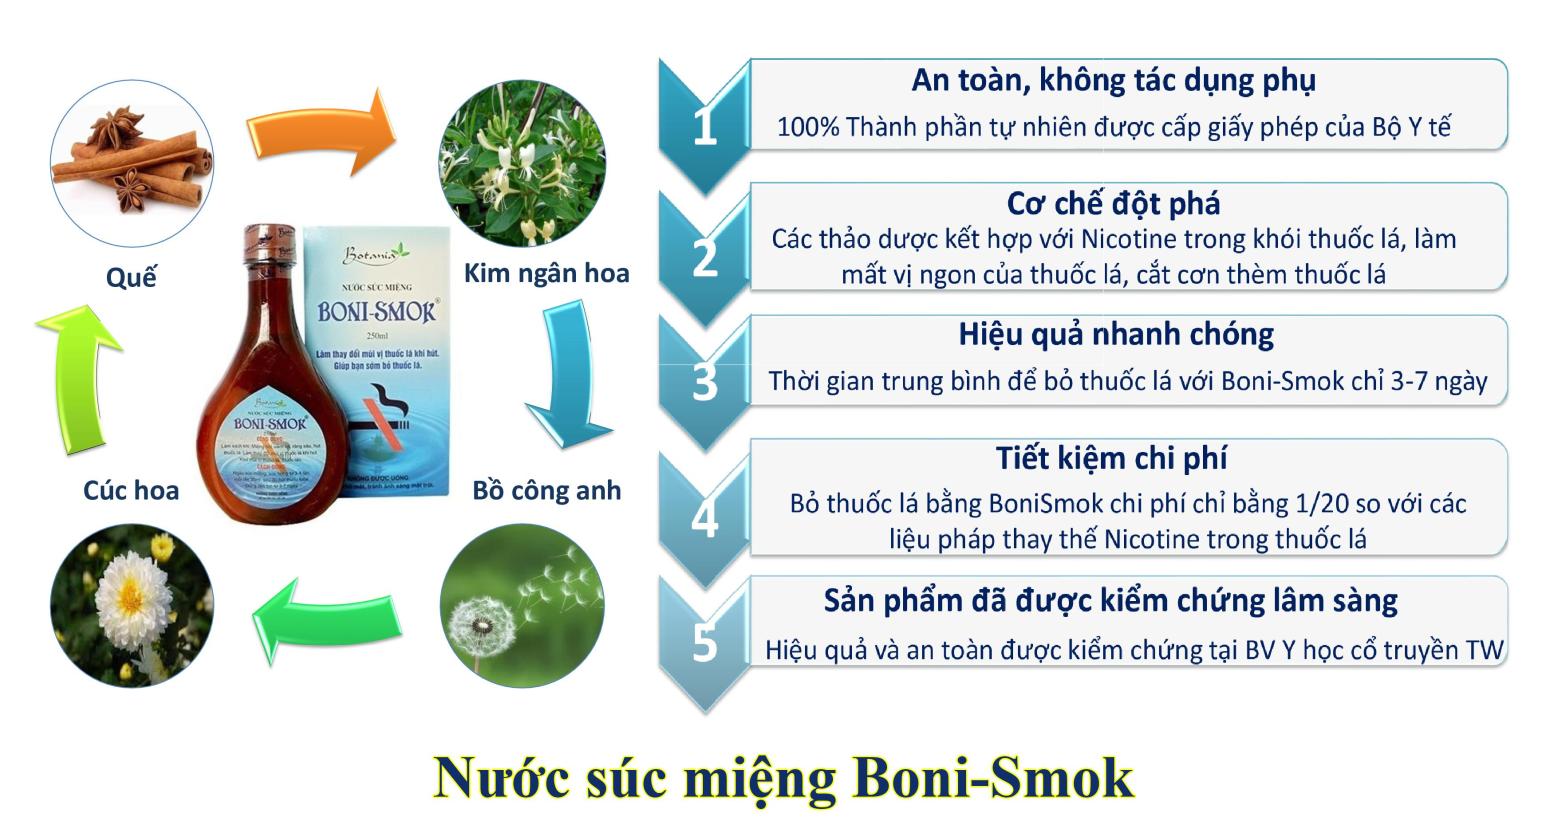 Nước súc miệng cai thuốc lá Boni-Smok có tác dụng không?  - Ảnh 2